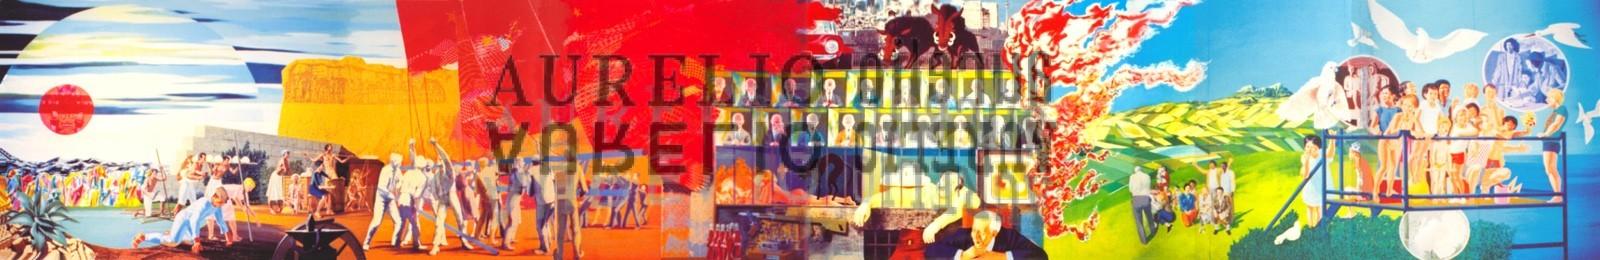 Aurelio C. - Murale Carpi - 1981